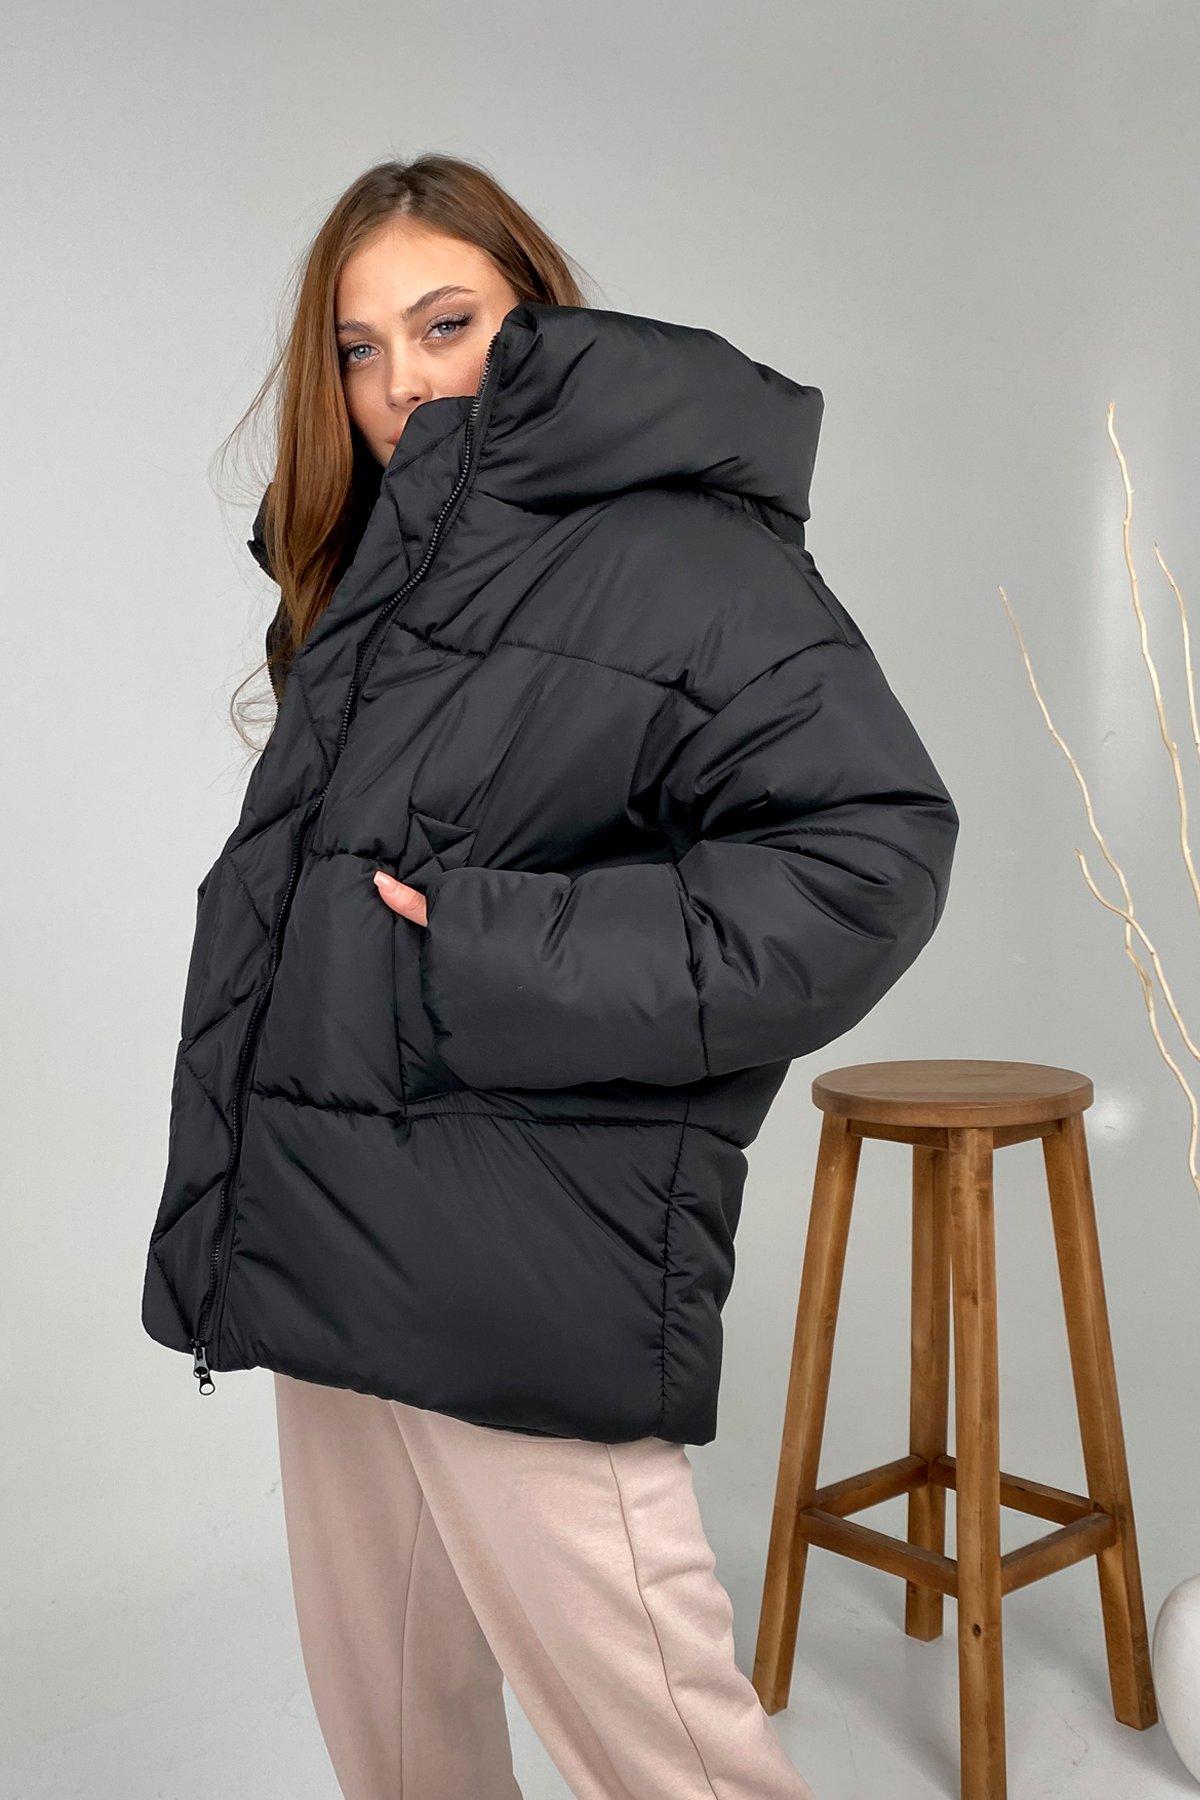 Овертайм  теплый пуховик из плащевой ткани 10243 АРТ. 46533 Цвет: Черный - фото 3, интернет магазин tm-modus.ru